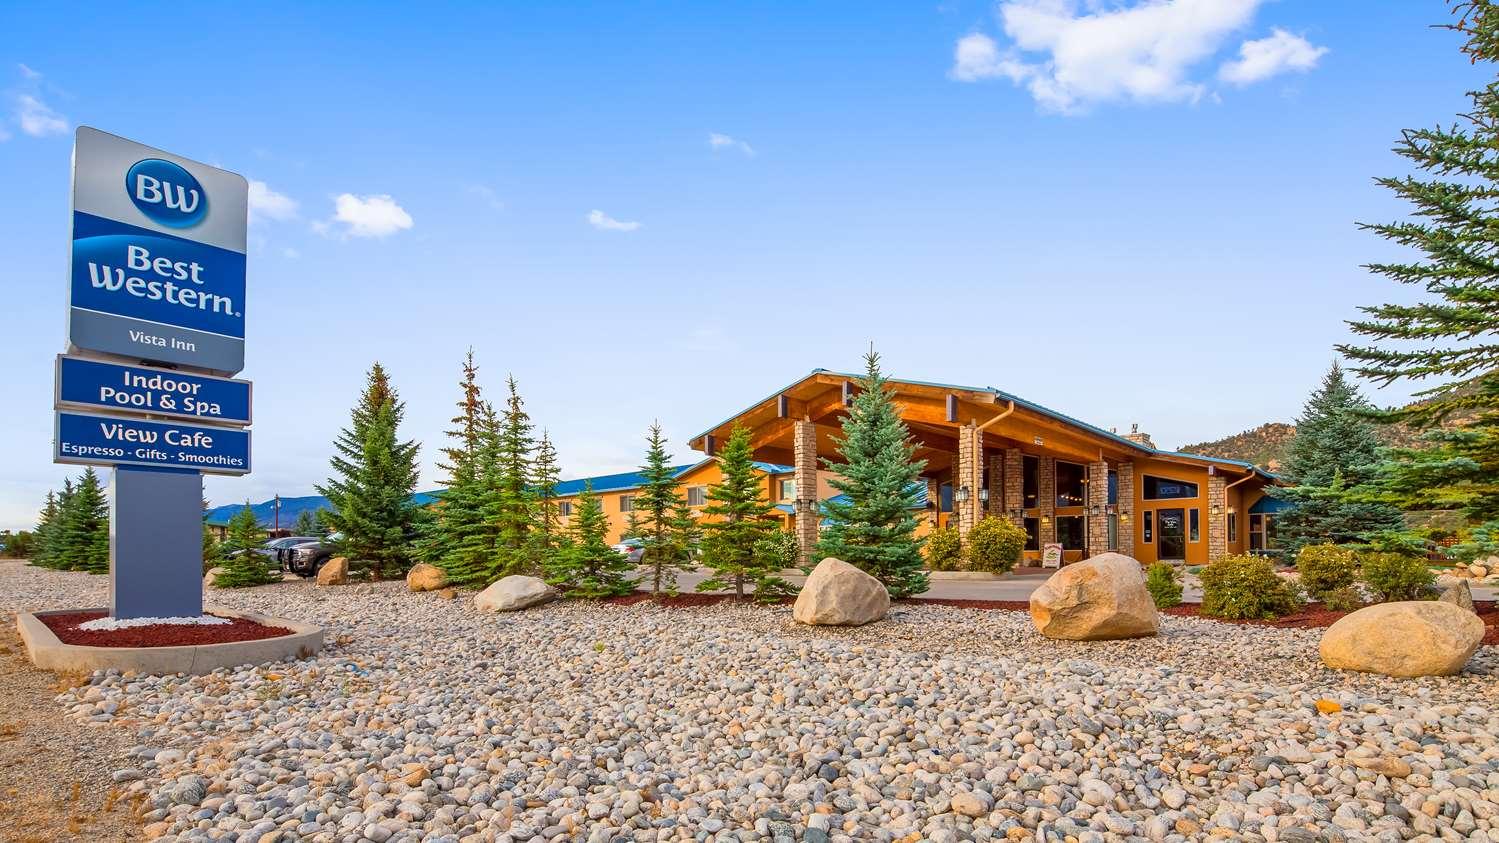 Exterior view - Best Western Vista Inn Buena Vista